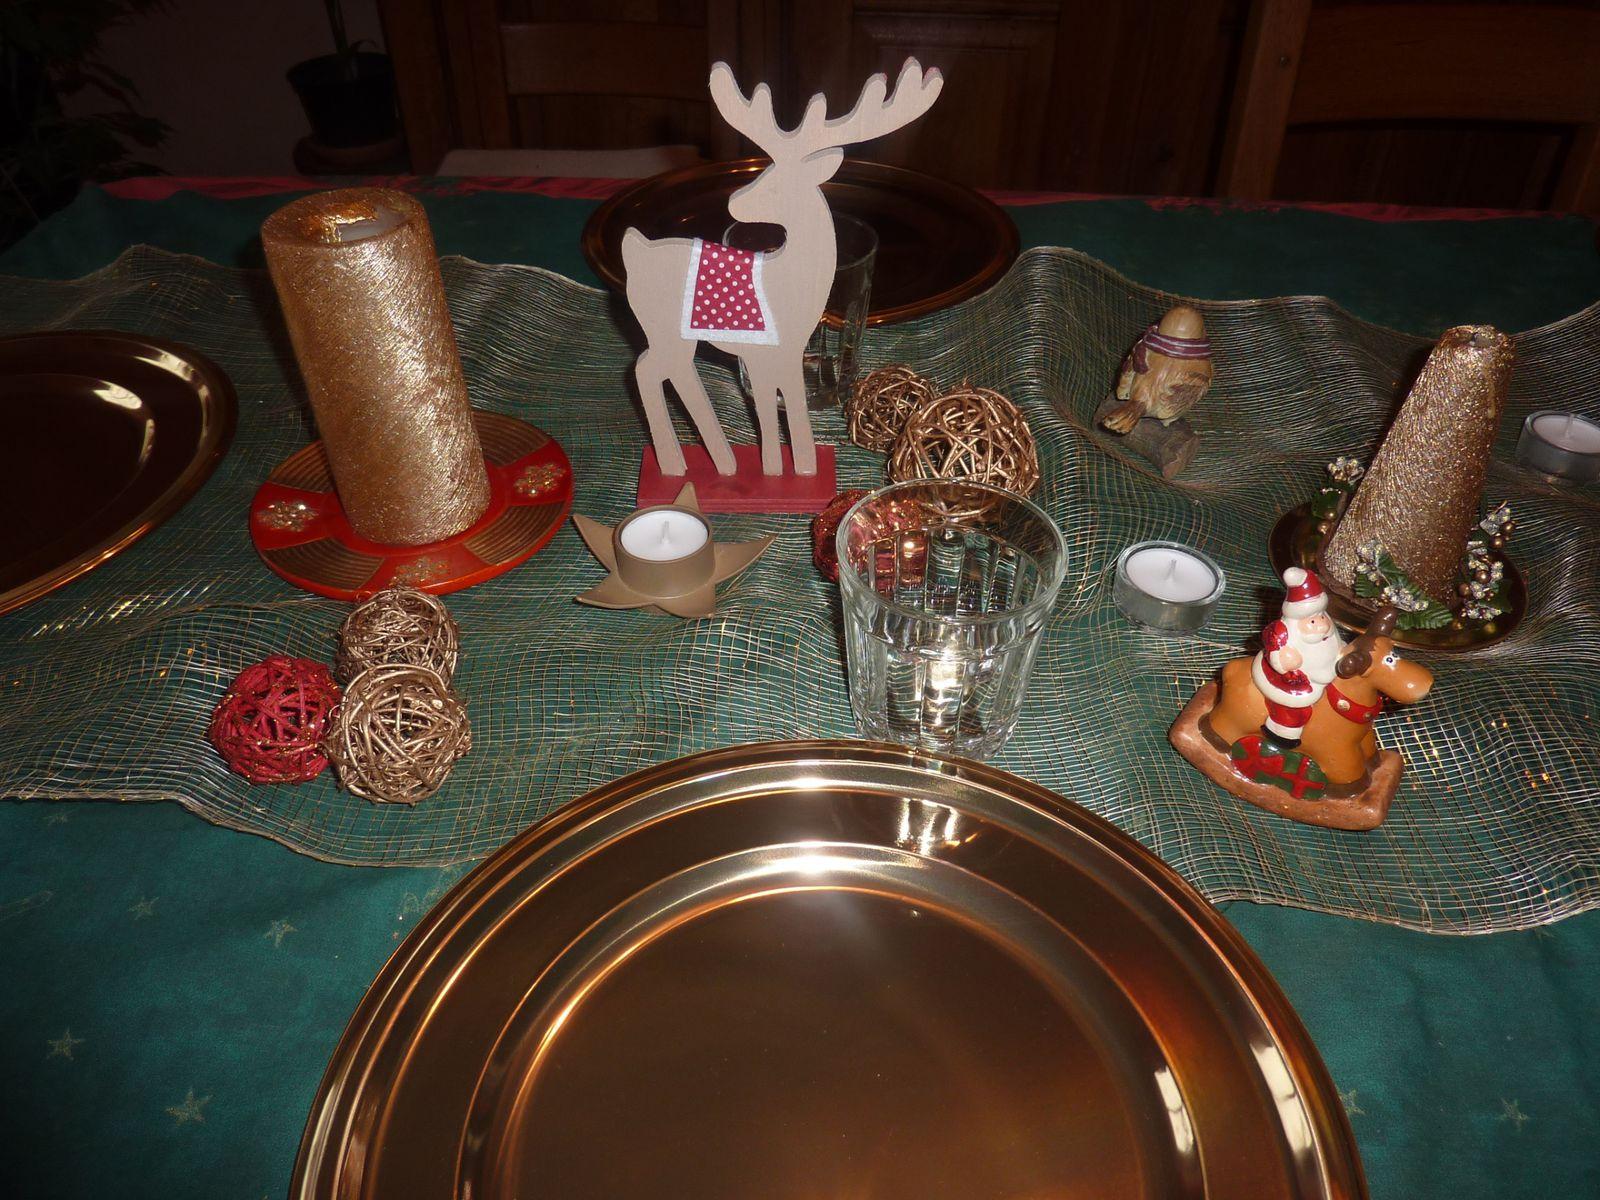 #9E5C2D Déco De Table De Noël Madecodetable.over Blog.com 6279 Decoration De Table Pour Noel Gratuit 2100x1574 px @ aertt.com